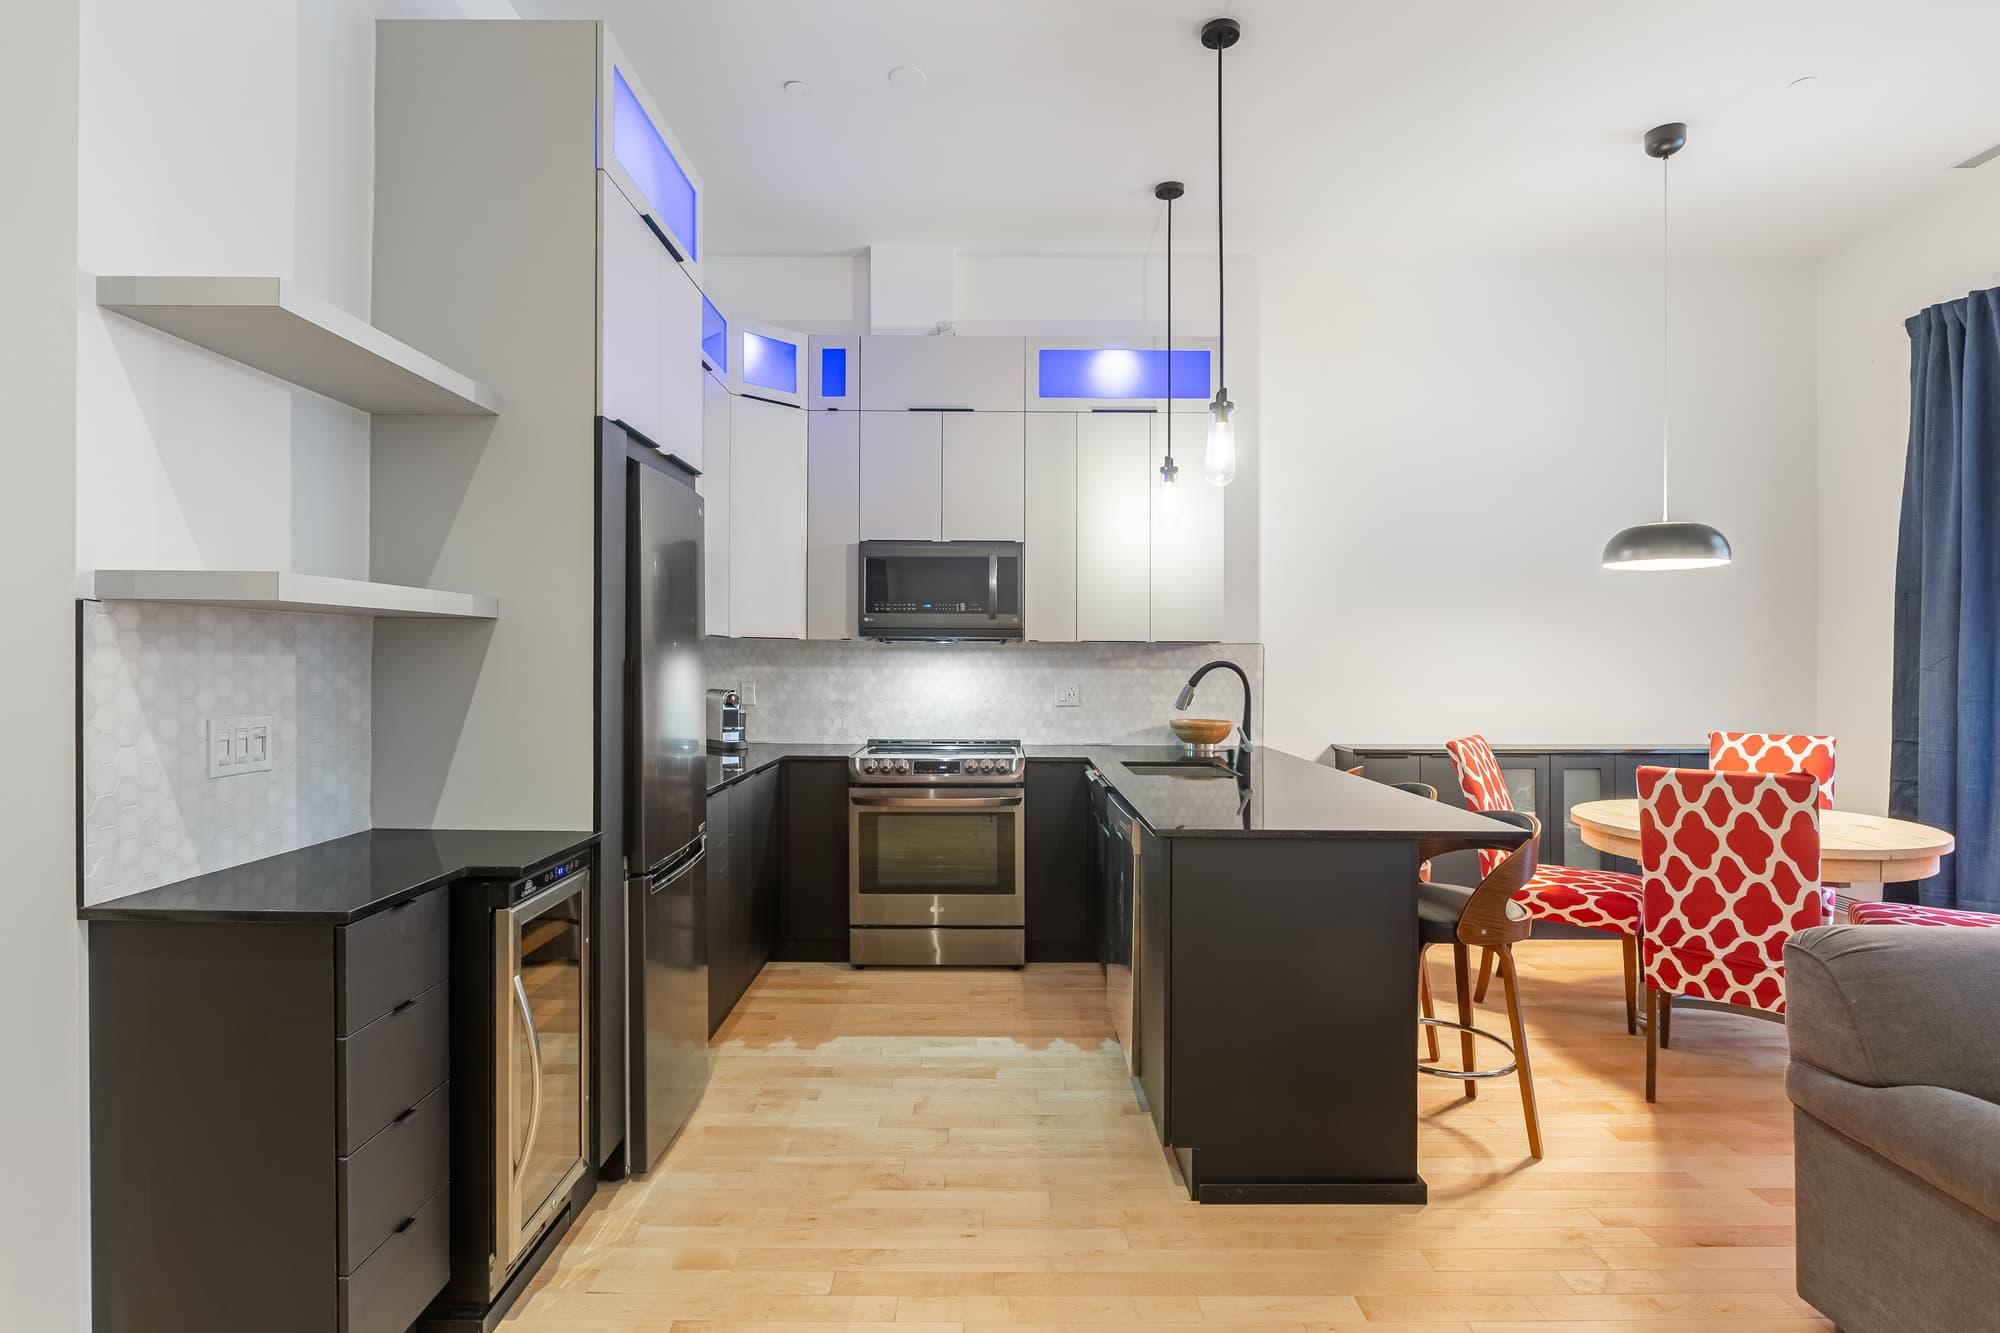 cuisine moderne nouvellement rénovée avec armoires deux tons blanches et grises foncées + comptoir noir